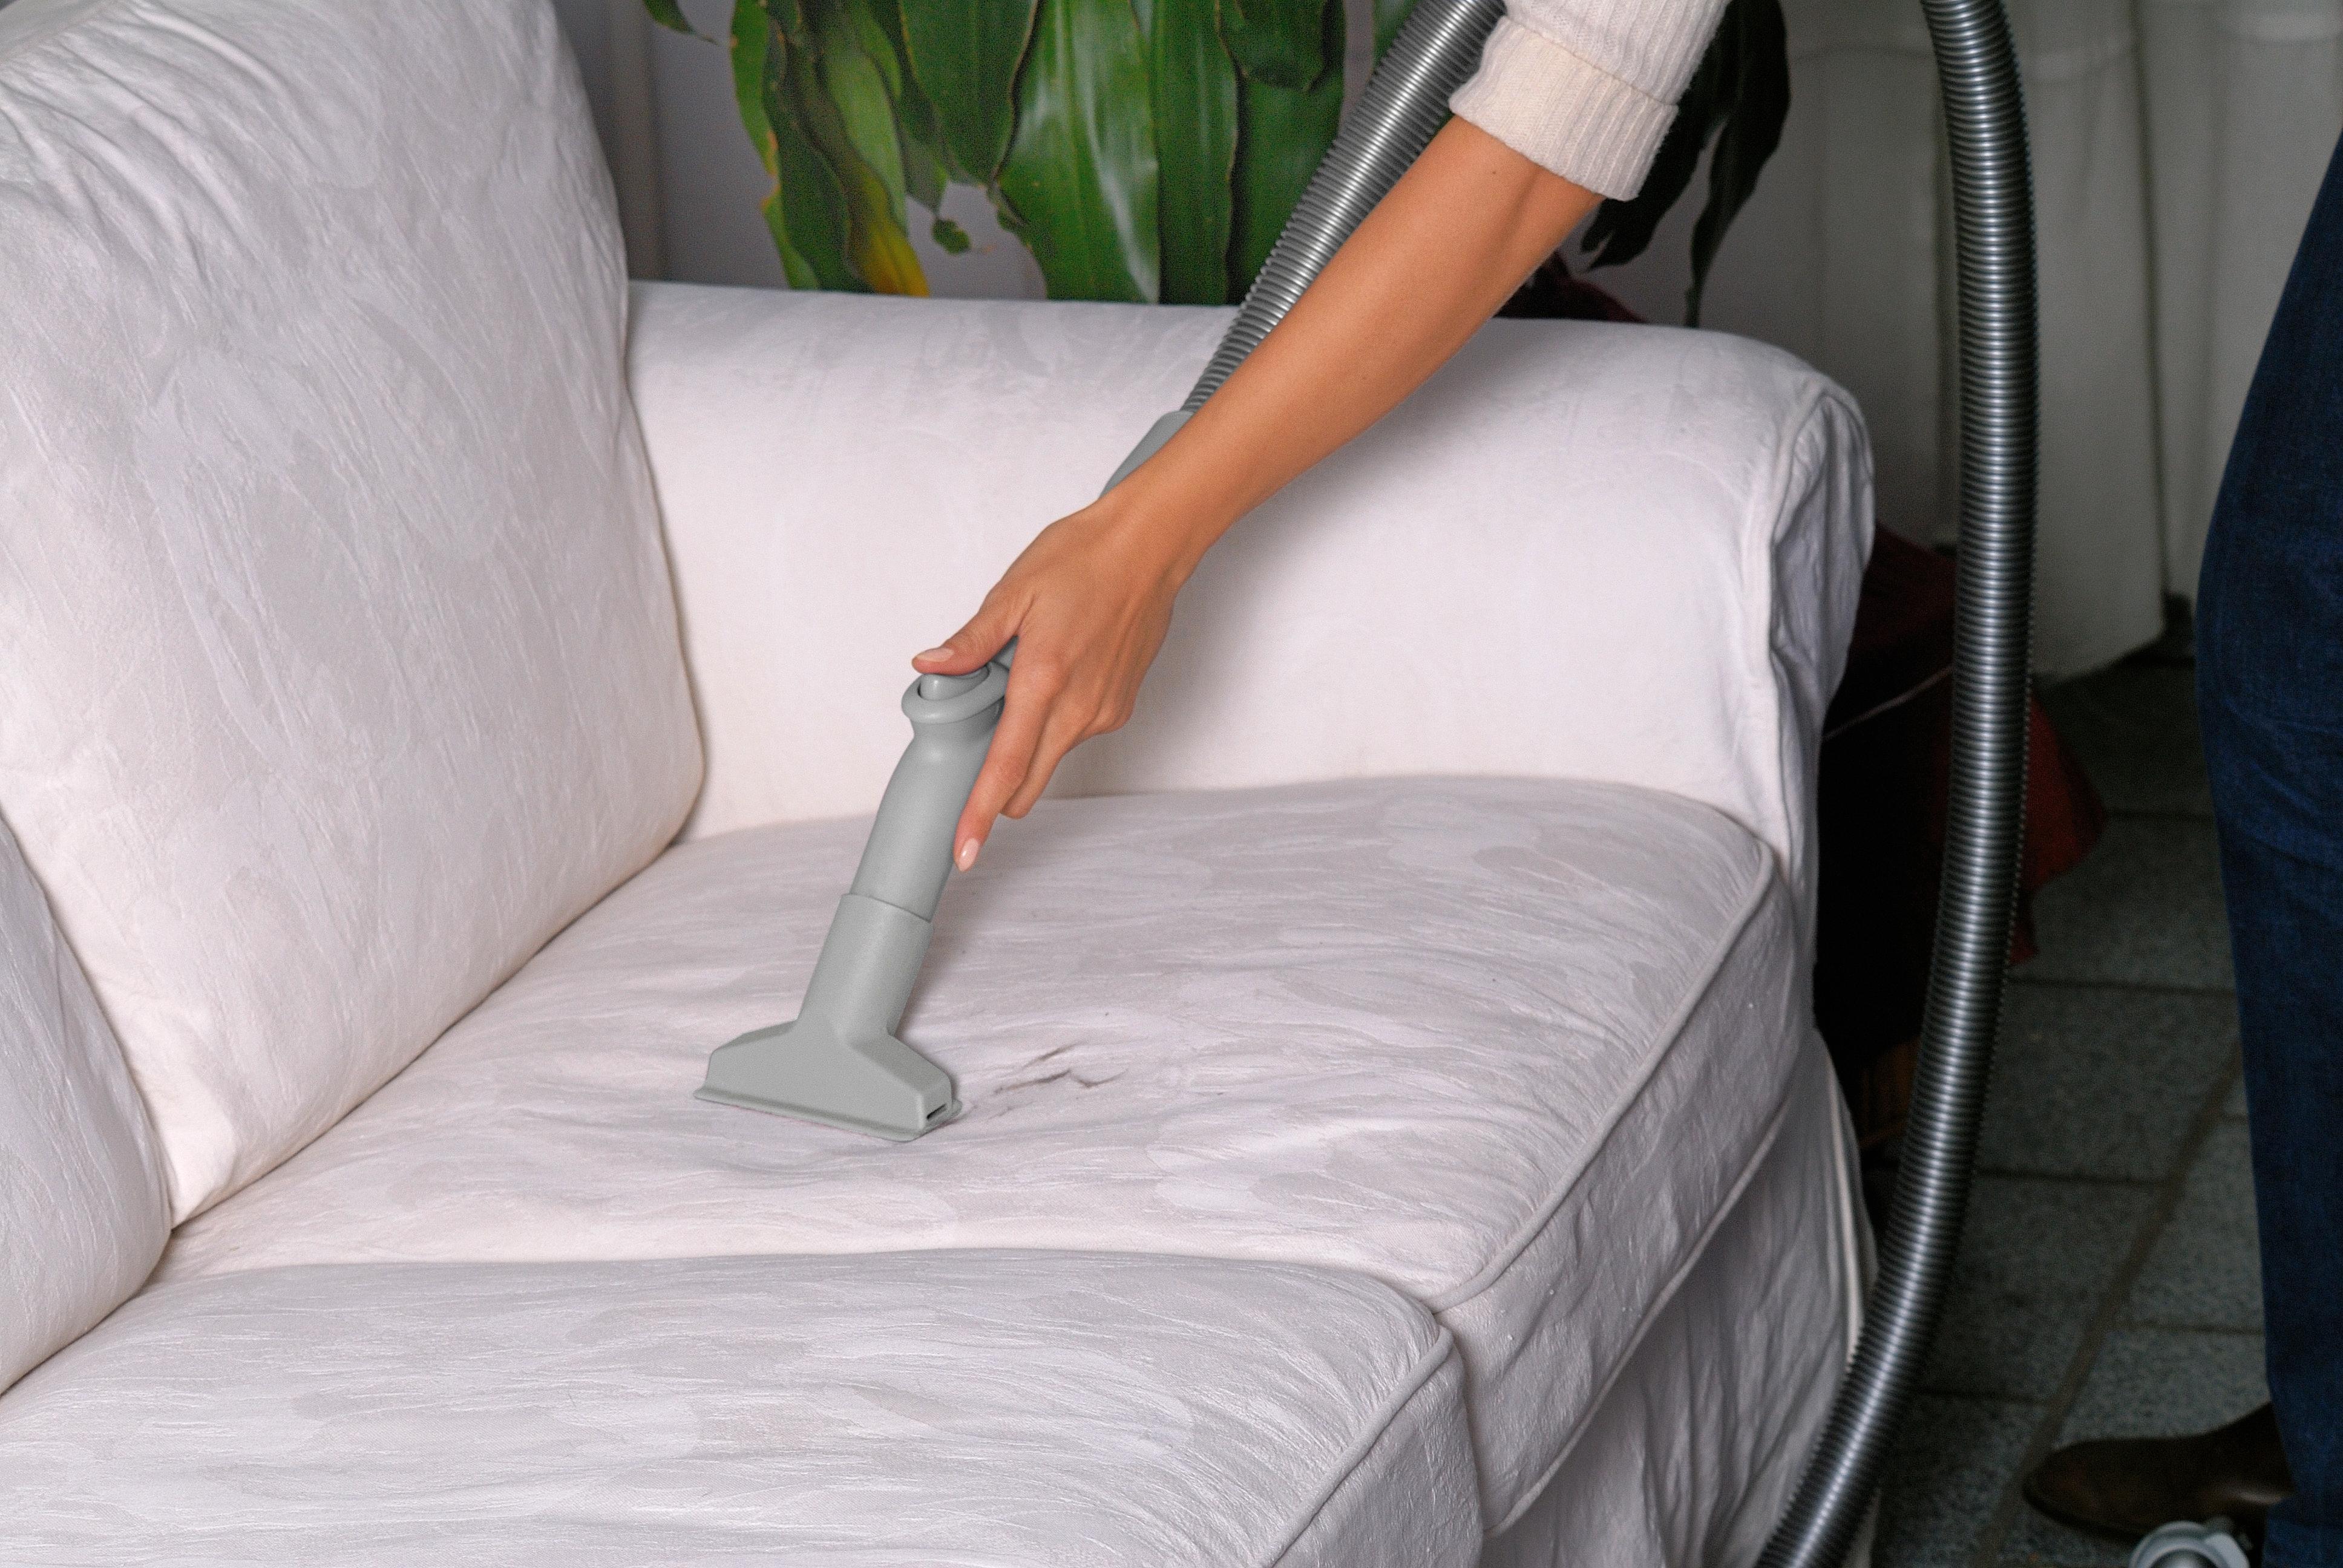 Además de pasar la aspiradora por la parte superior de los cojines del sofá, levántalos y aspira toda la base del mueble.